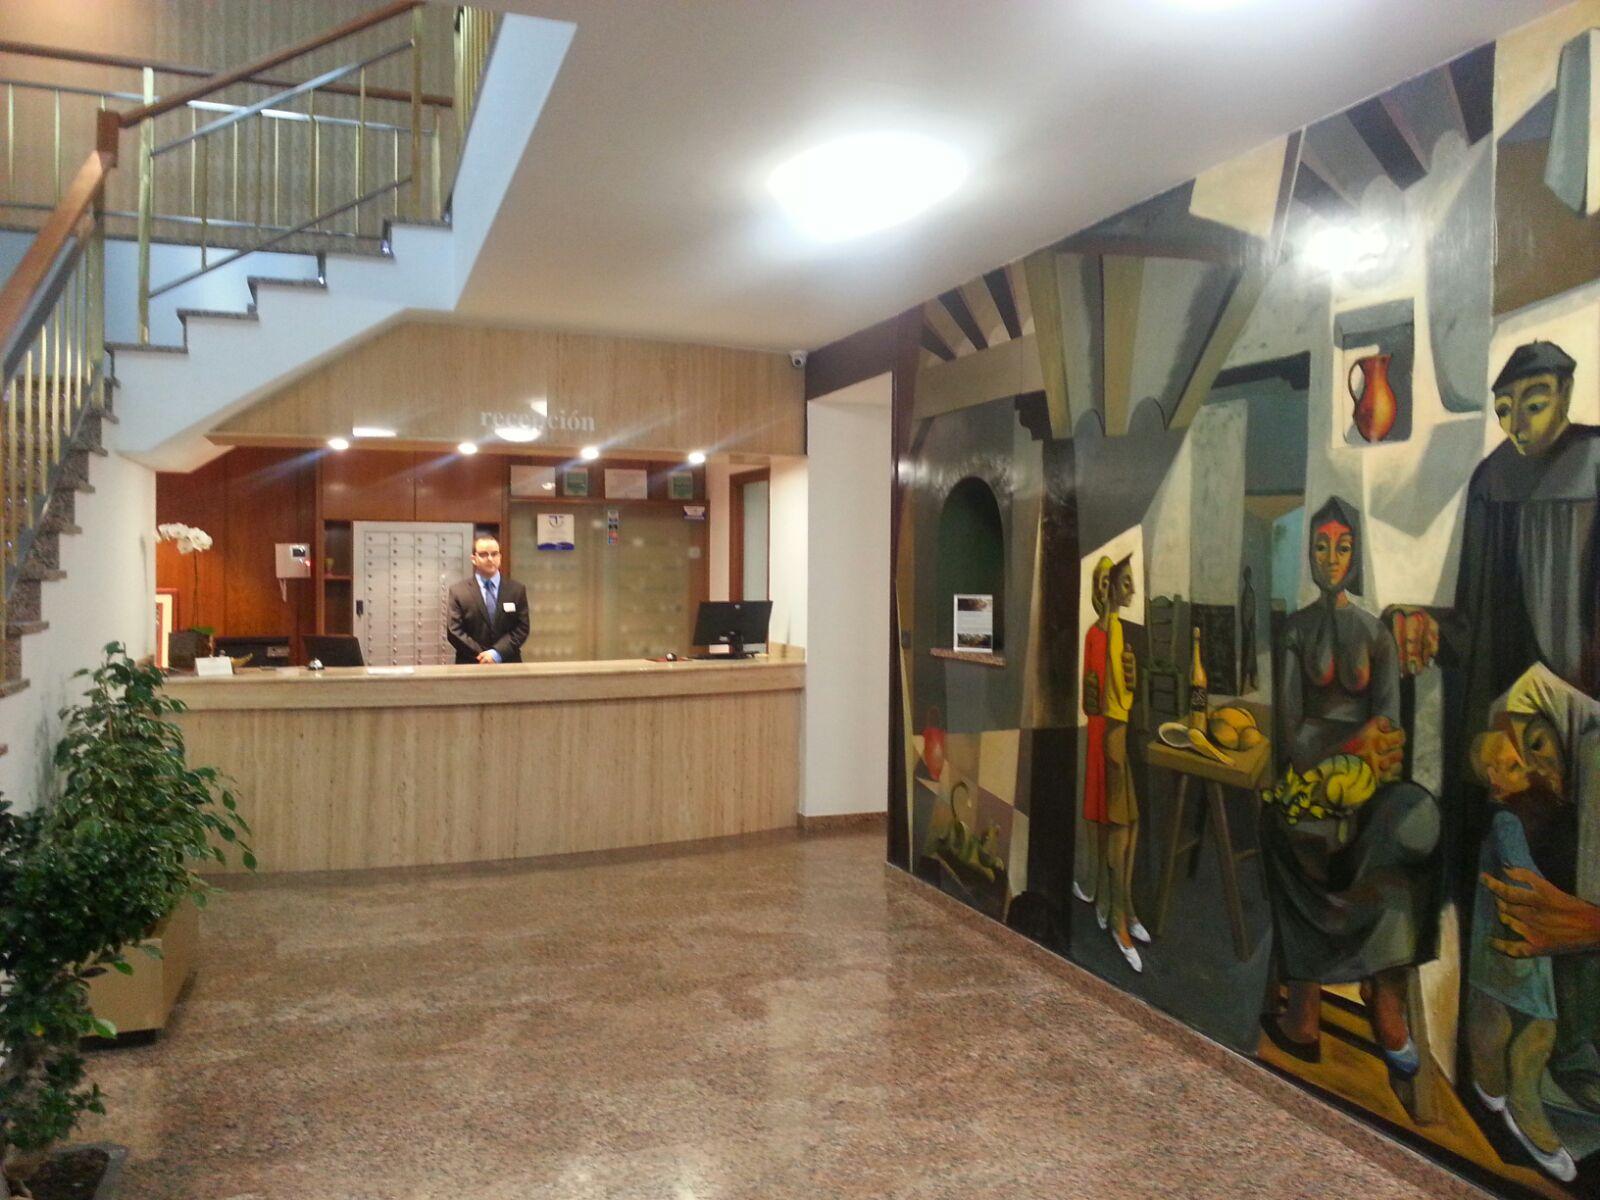 El hotel Ínsula Barataria de Alcázar reabre sus puertas renovado y con toques vanguardistas